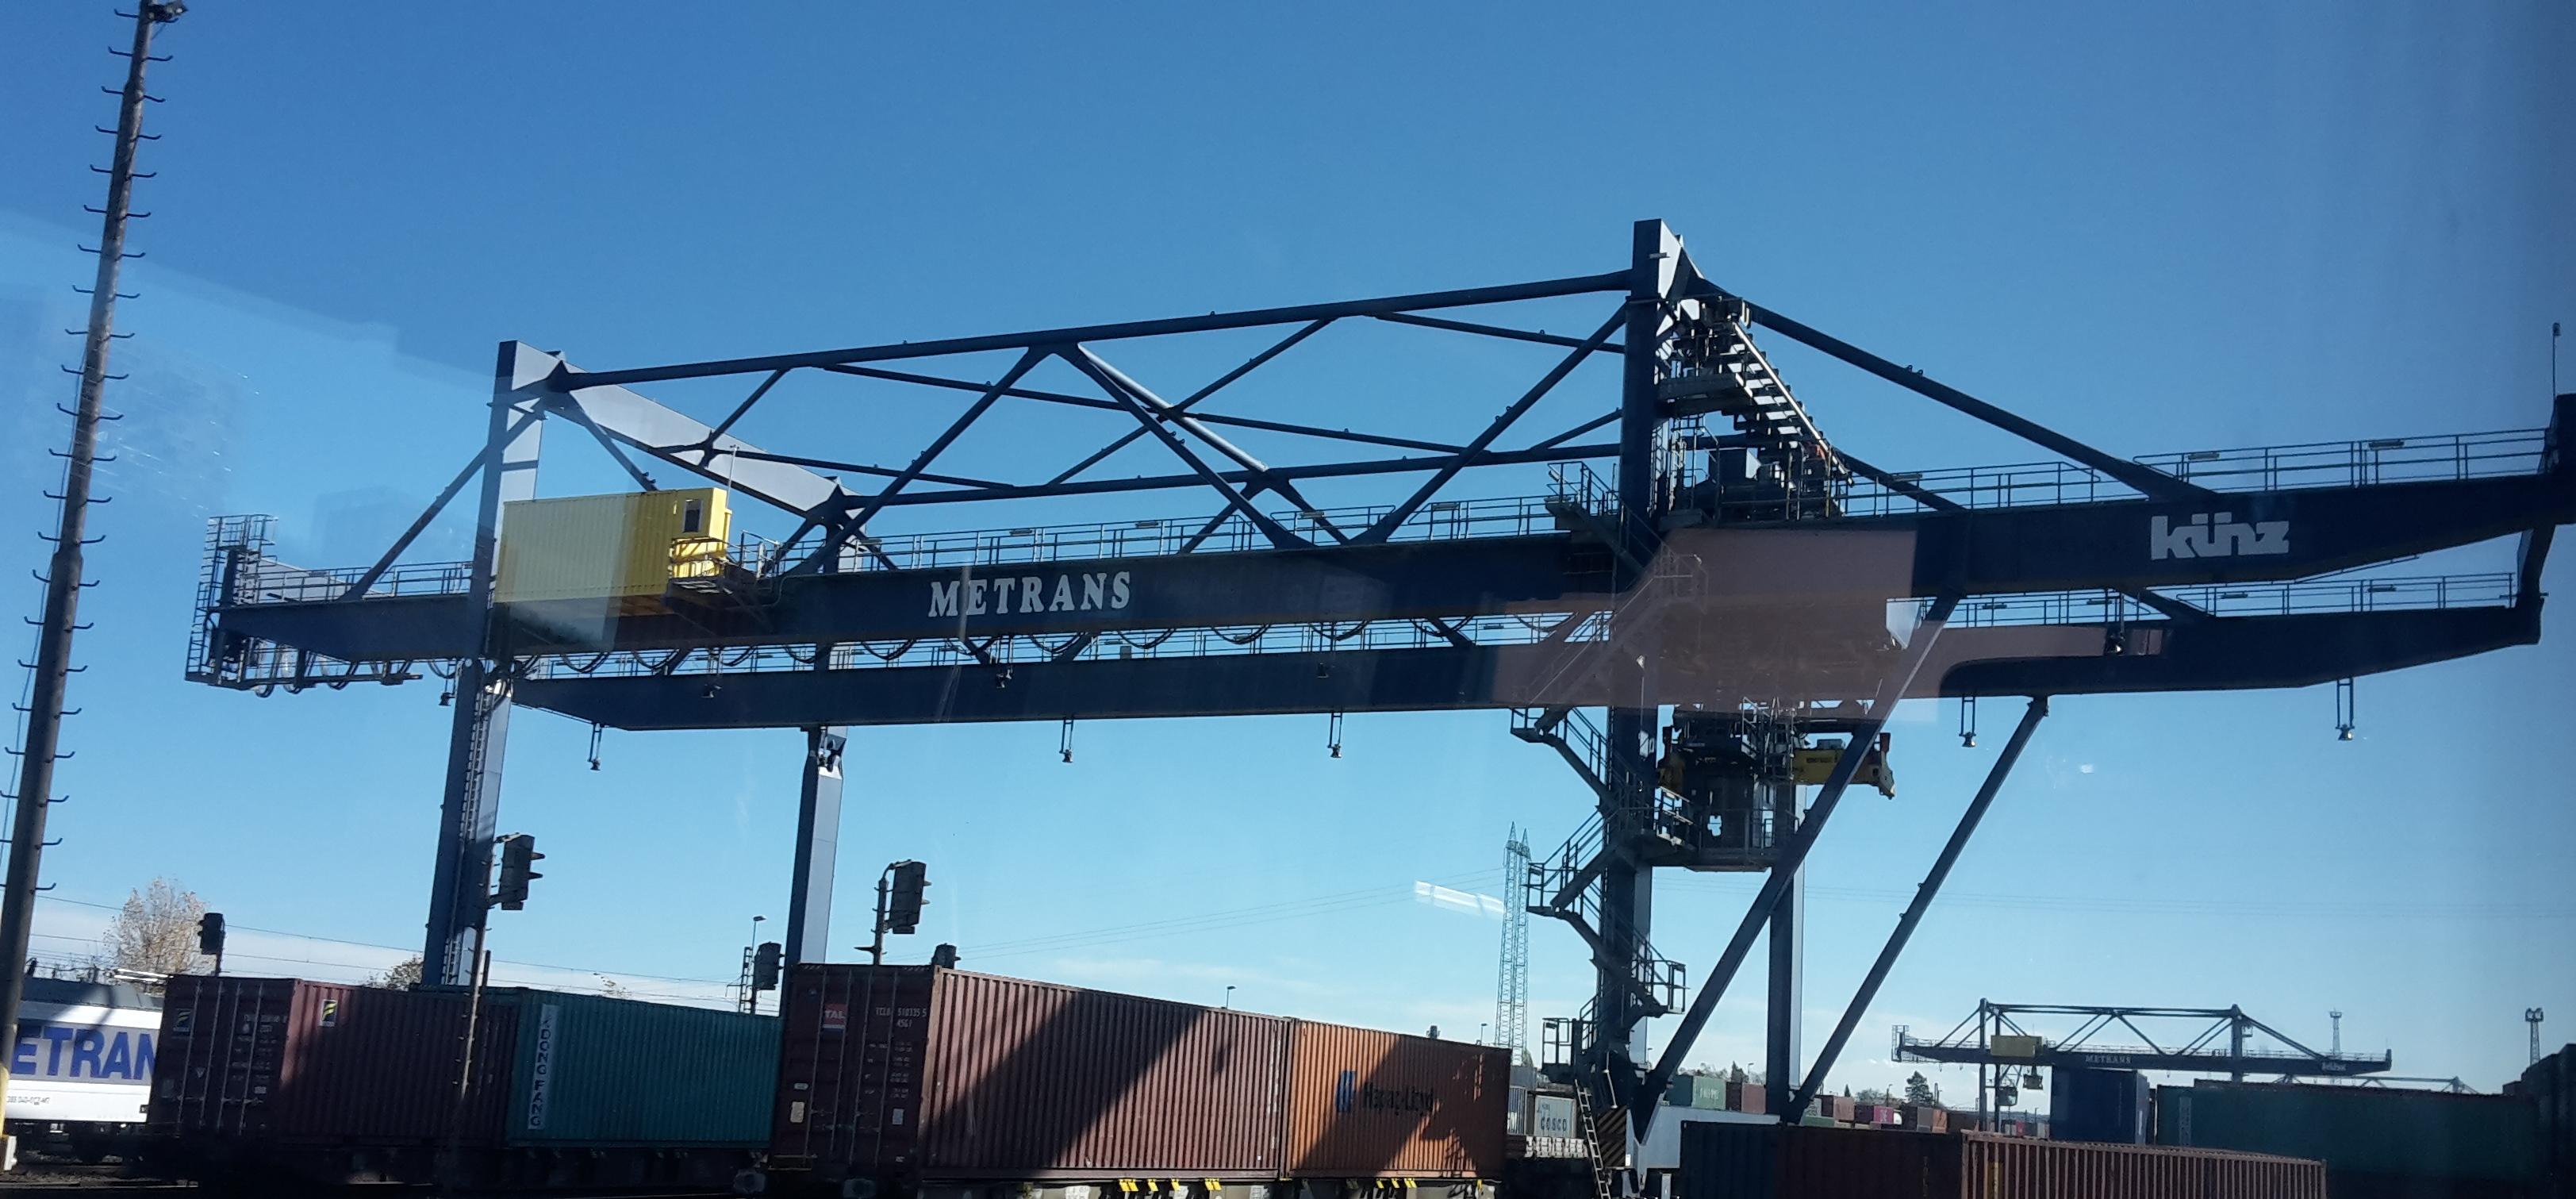 Studenti navštívili kontejnerový terminál firmy Metrans – partnera KLOG